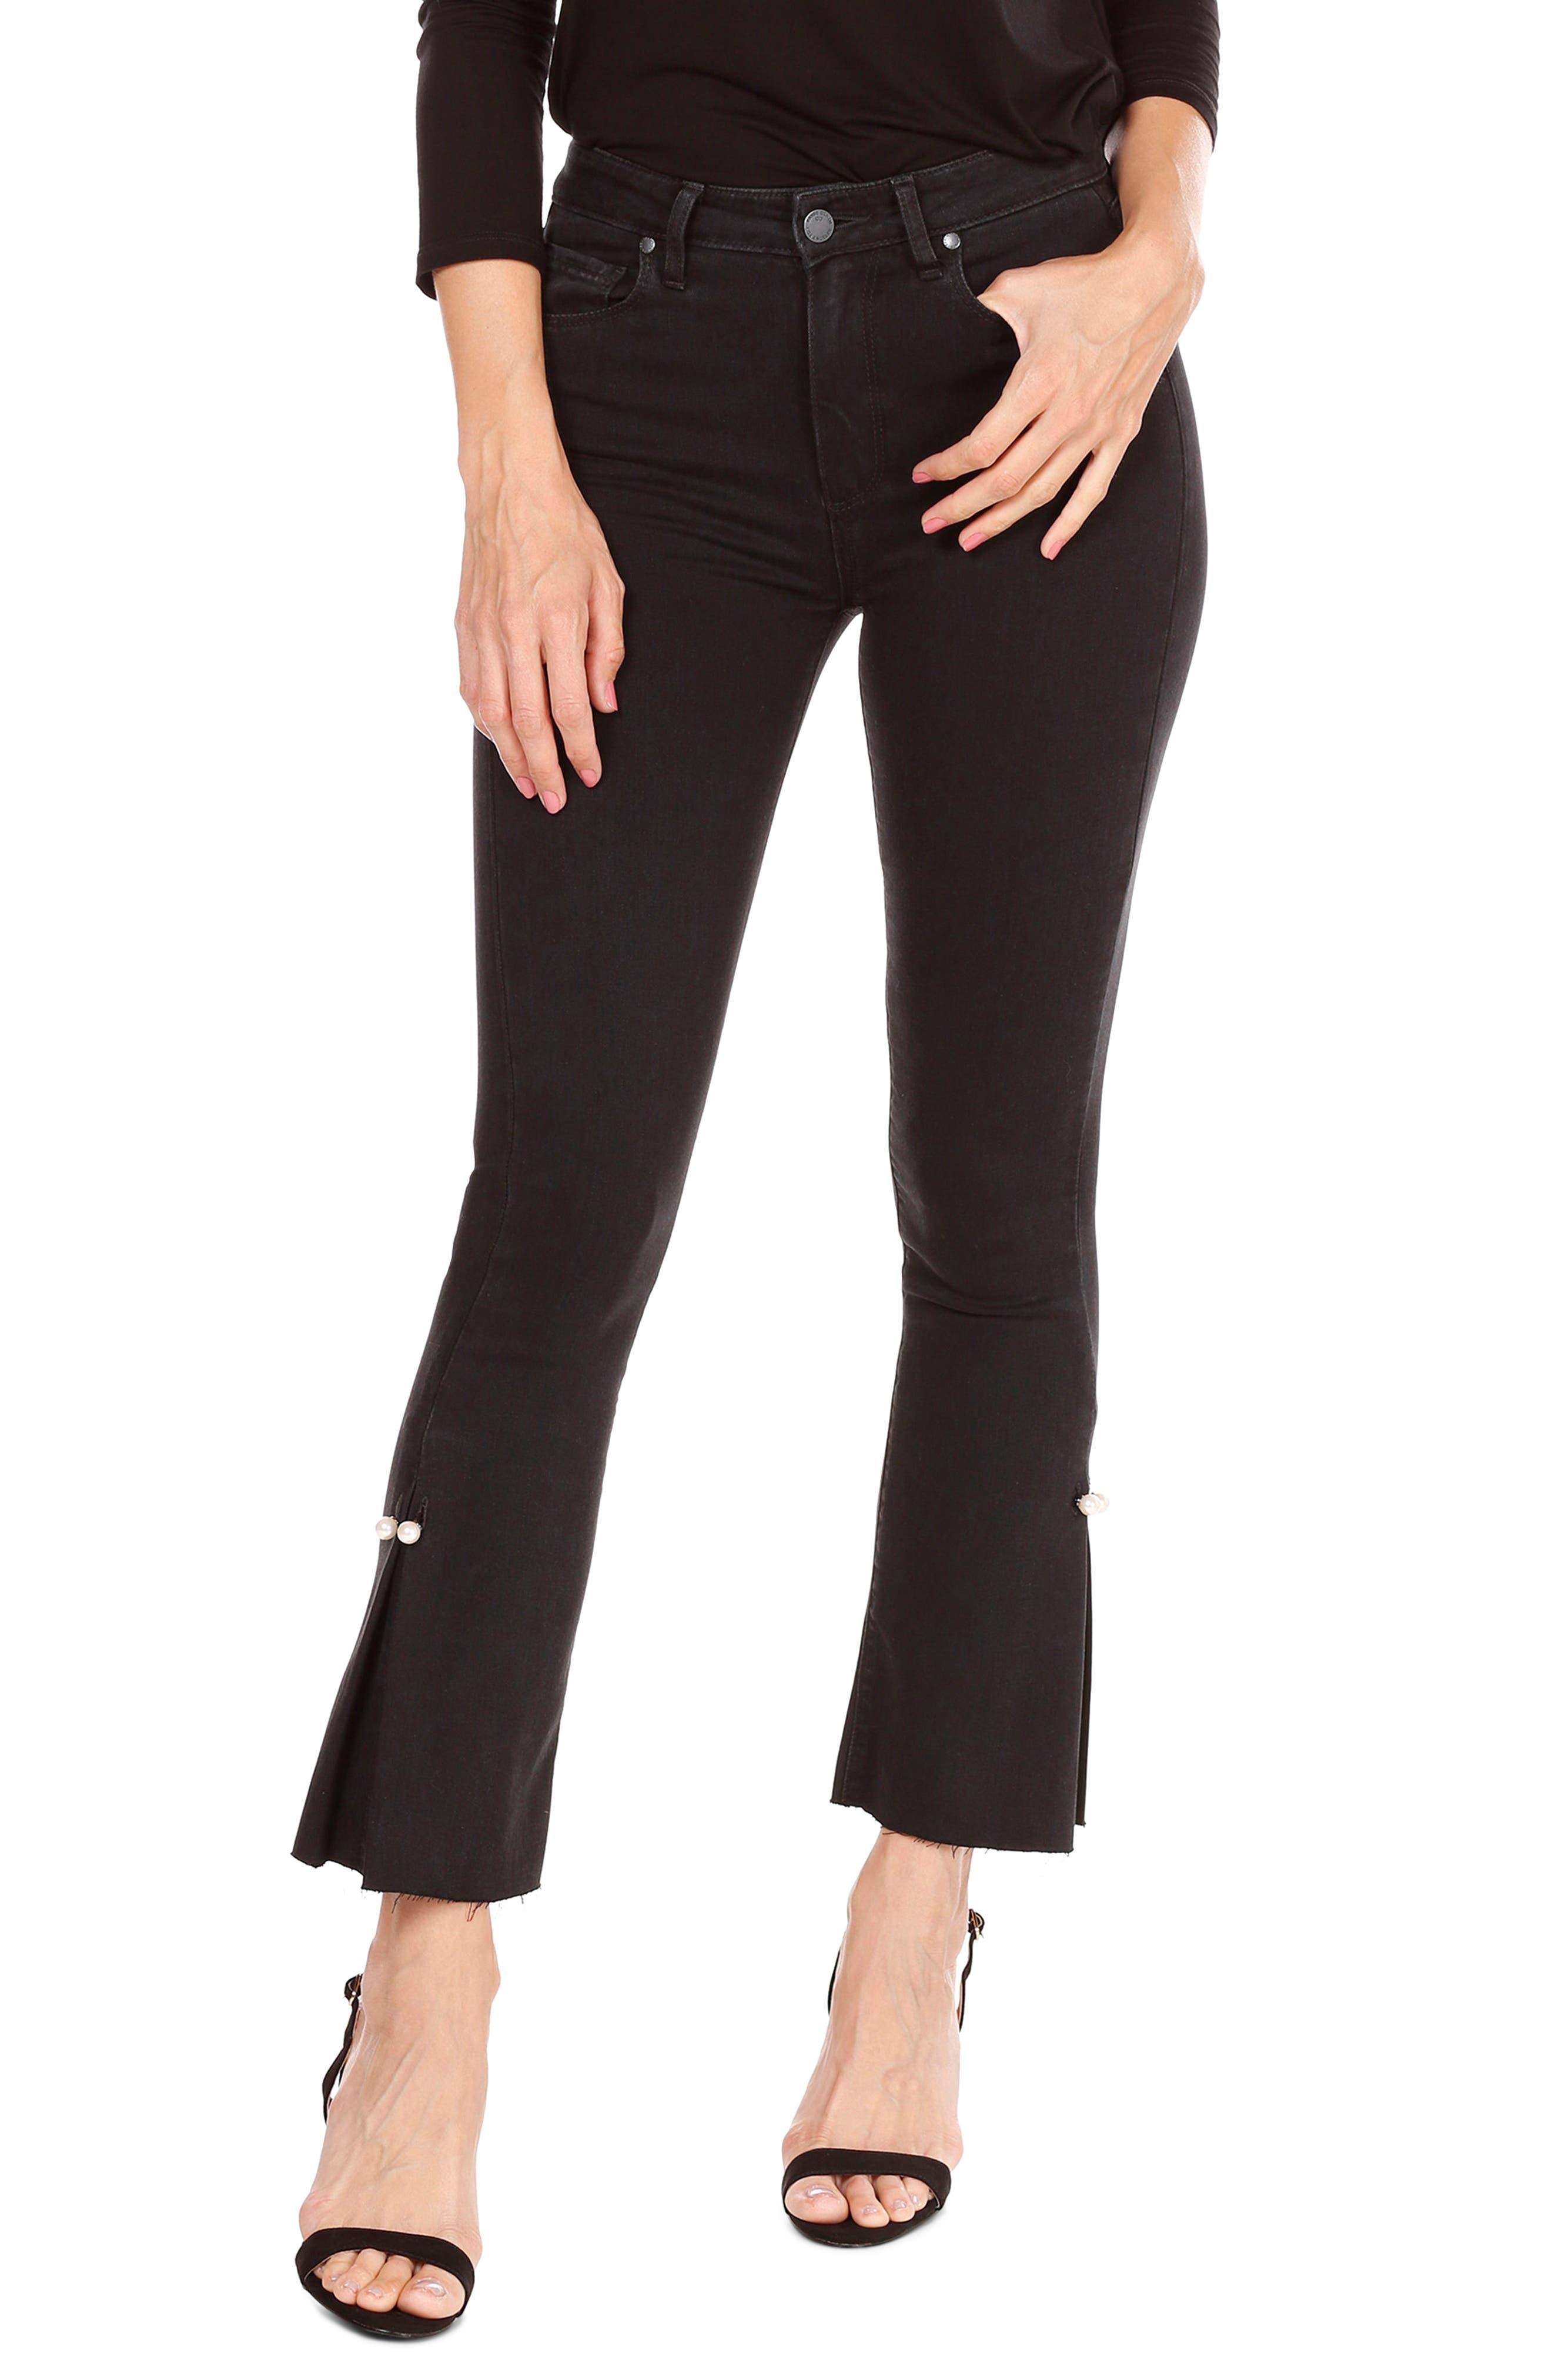 Main Image - PAIGE Transcend - Colette High Waist Crop Flare Jeans (Bandit)